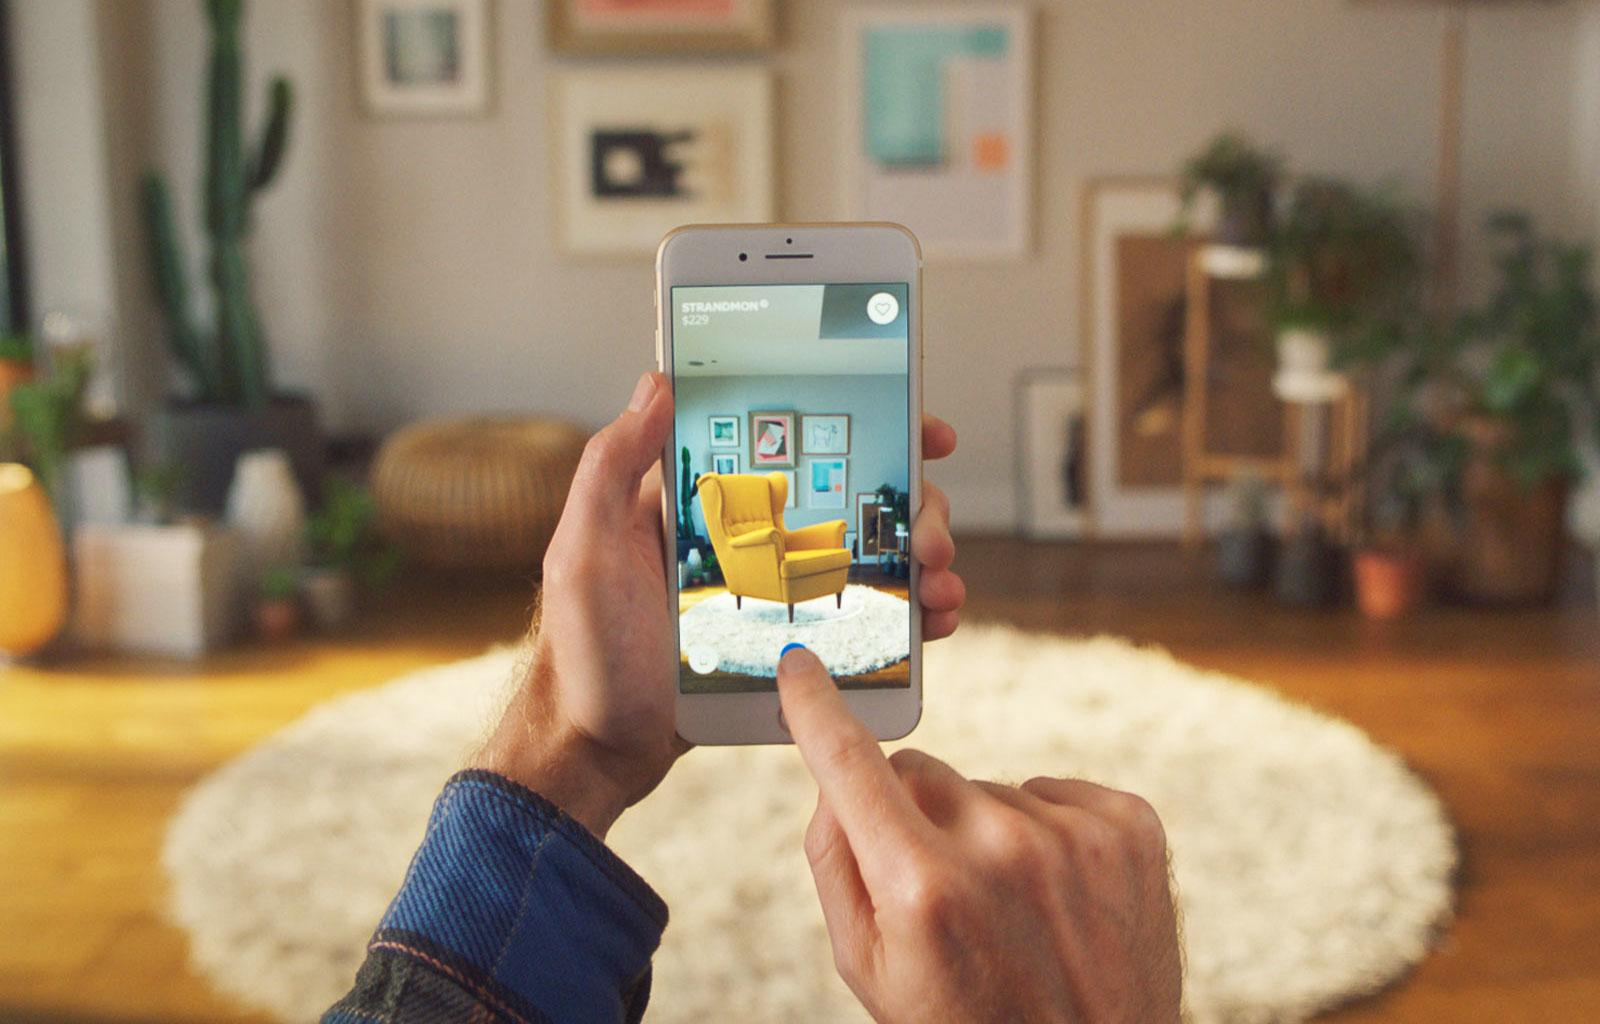 恩贝智能 IKEA 用上 iOS ARKit 的 Place app 能干嘛,大家应该都猜到了吧! Via Engadget 中国版